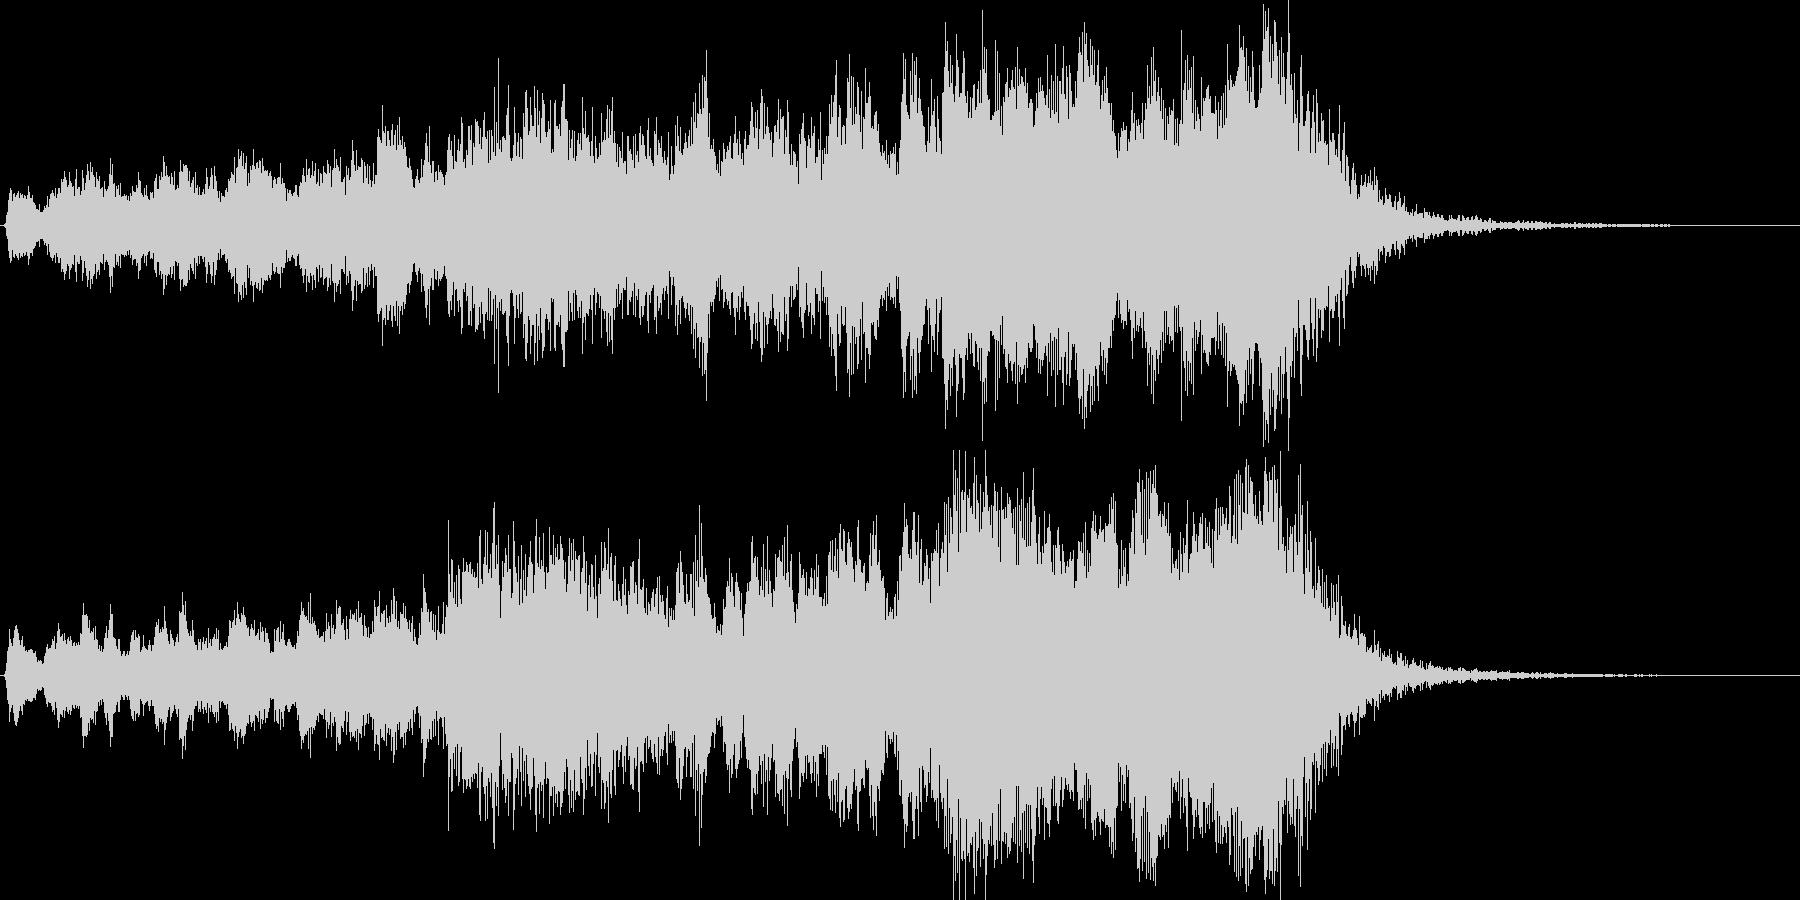 フーガ風の凝った金管ファンファーレの未再生の波形